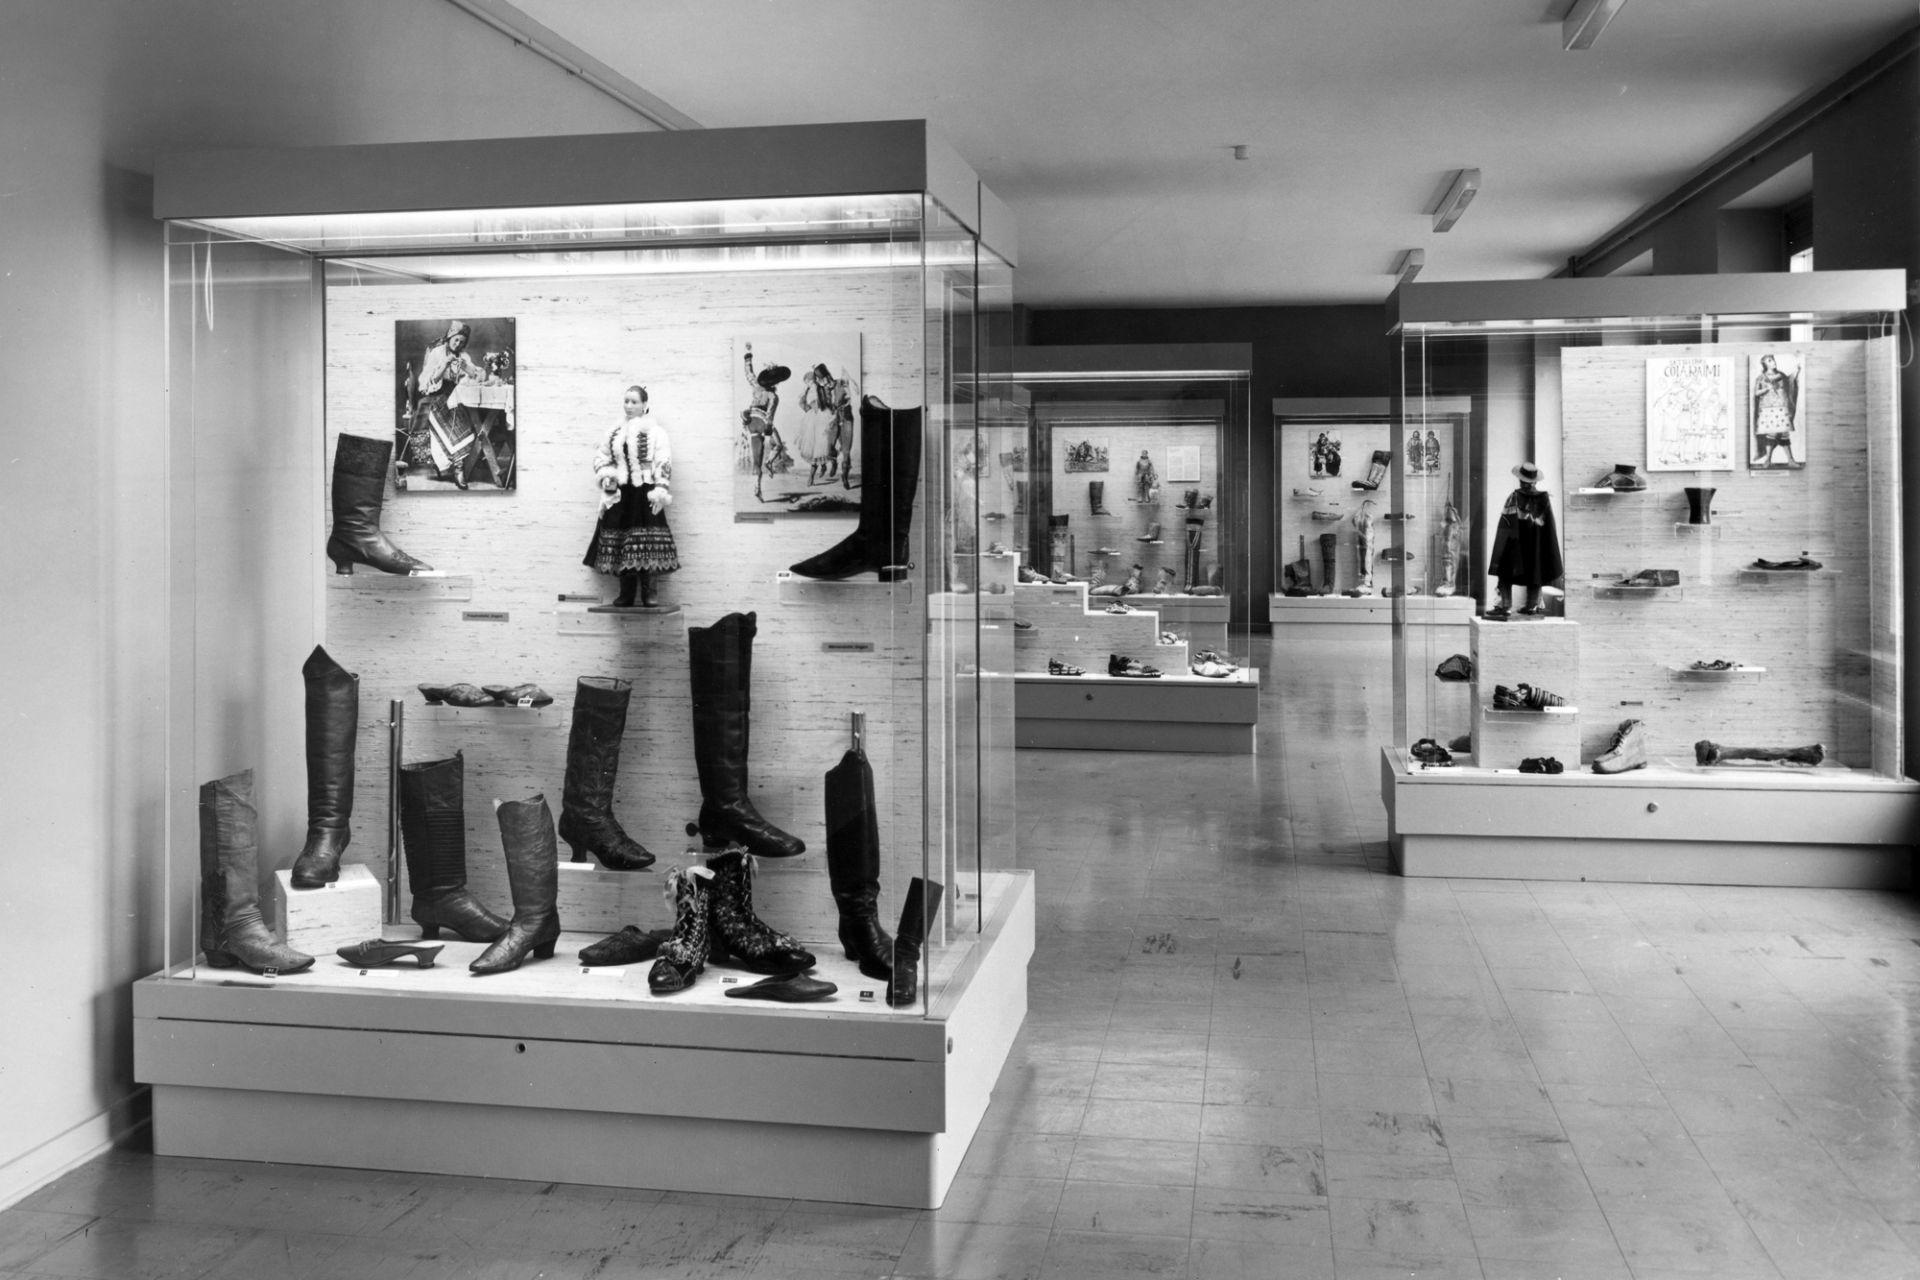 Sammlungspräsentation der Schuhe, 1981